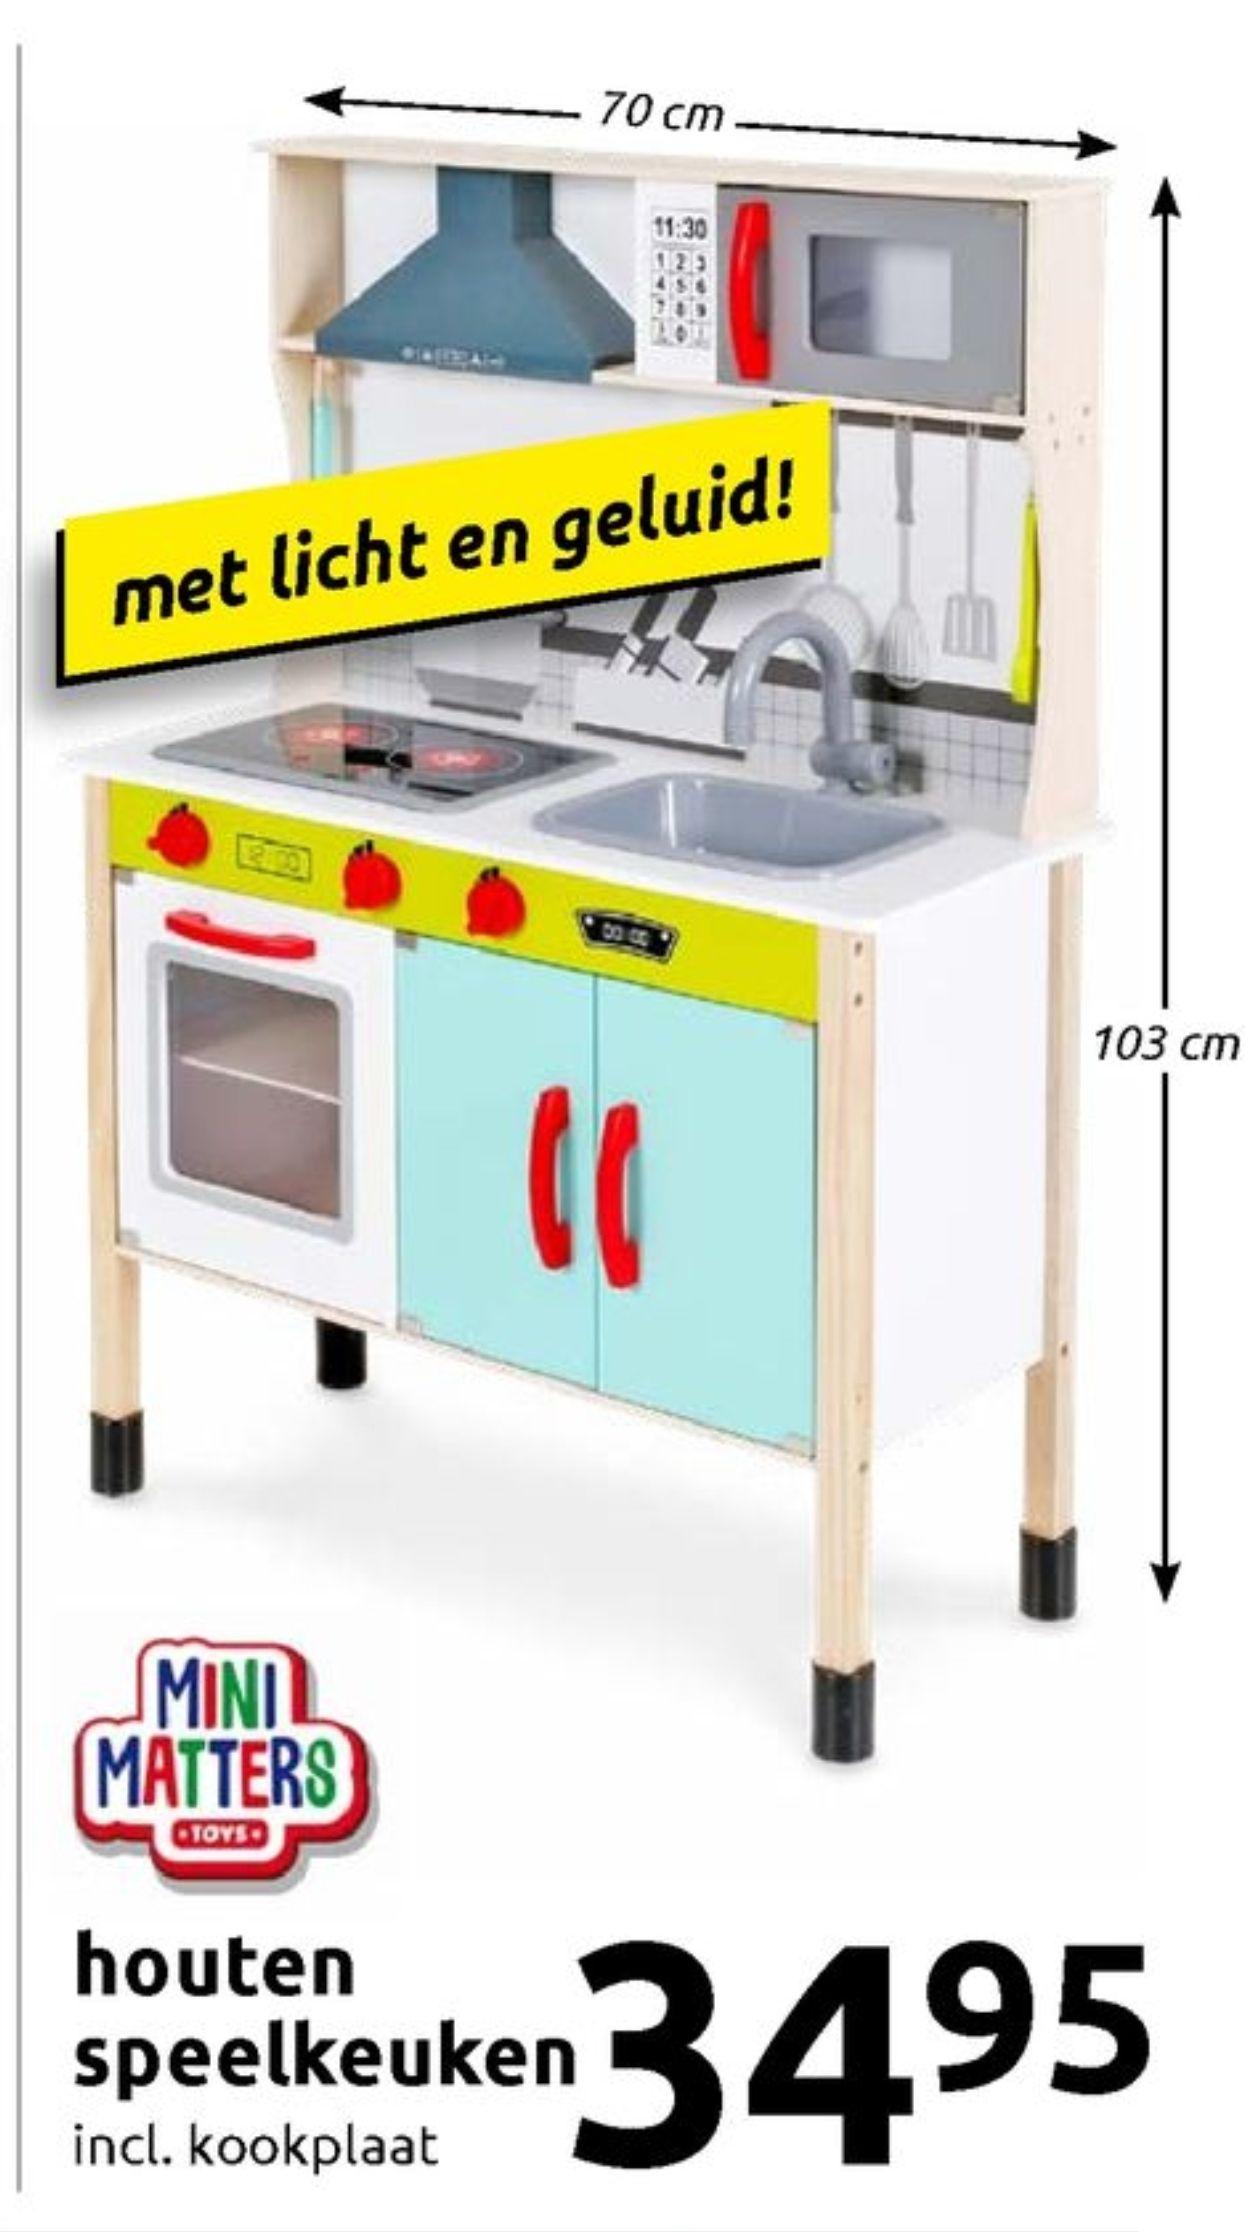 Houten speelkeuken incl. Kookplaat (action)